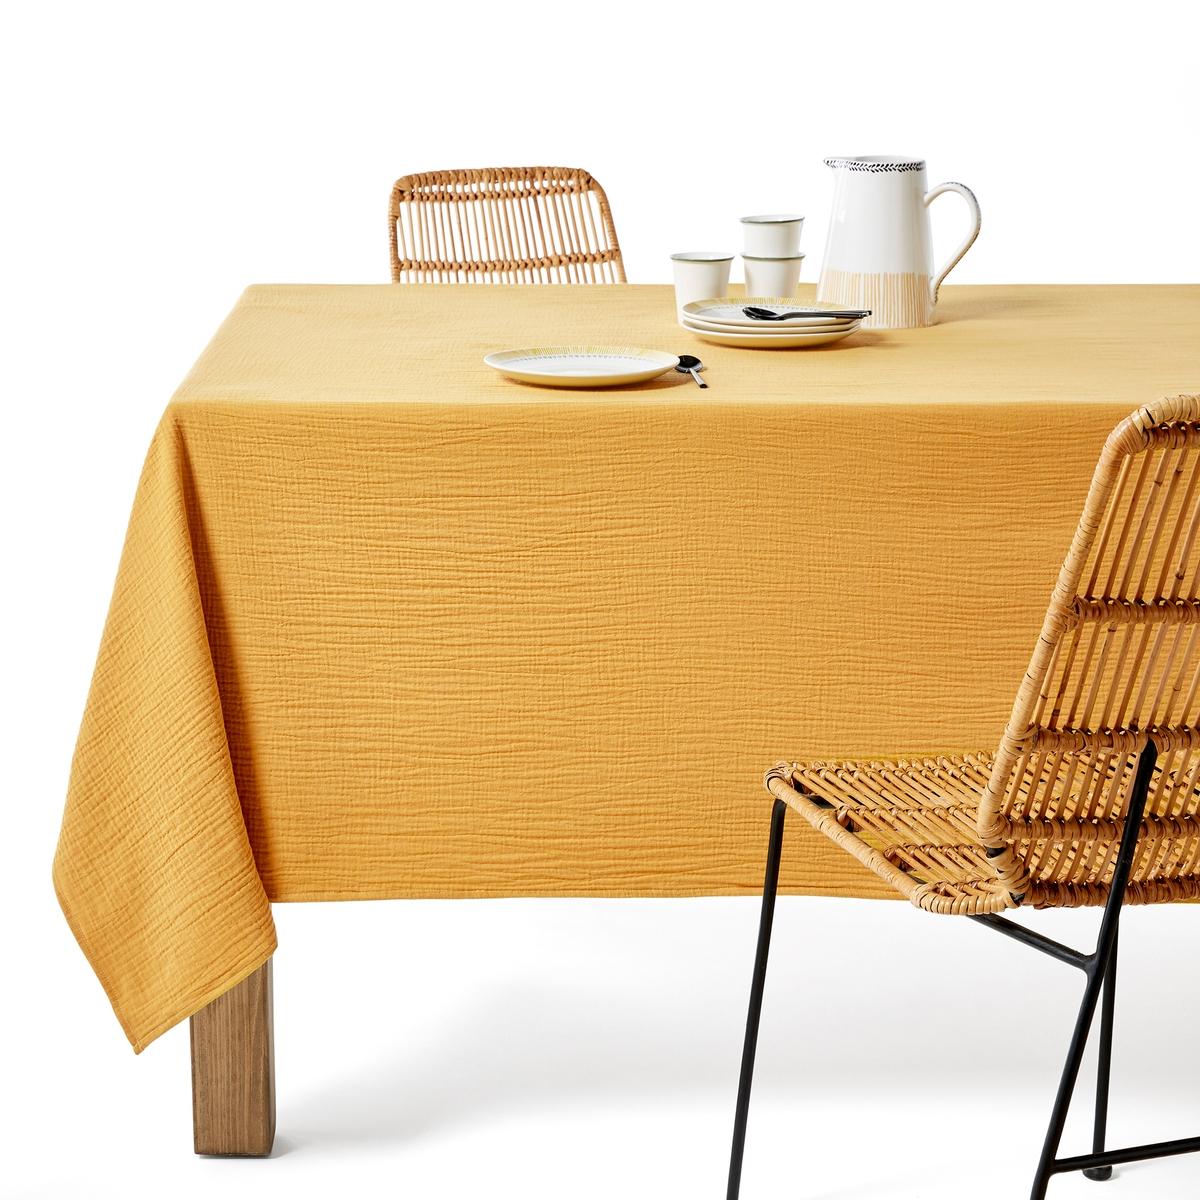 Скатерть LaRedoute Из хлопка Kumla 140 x 250 см желтый